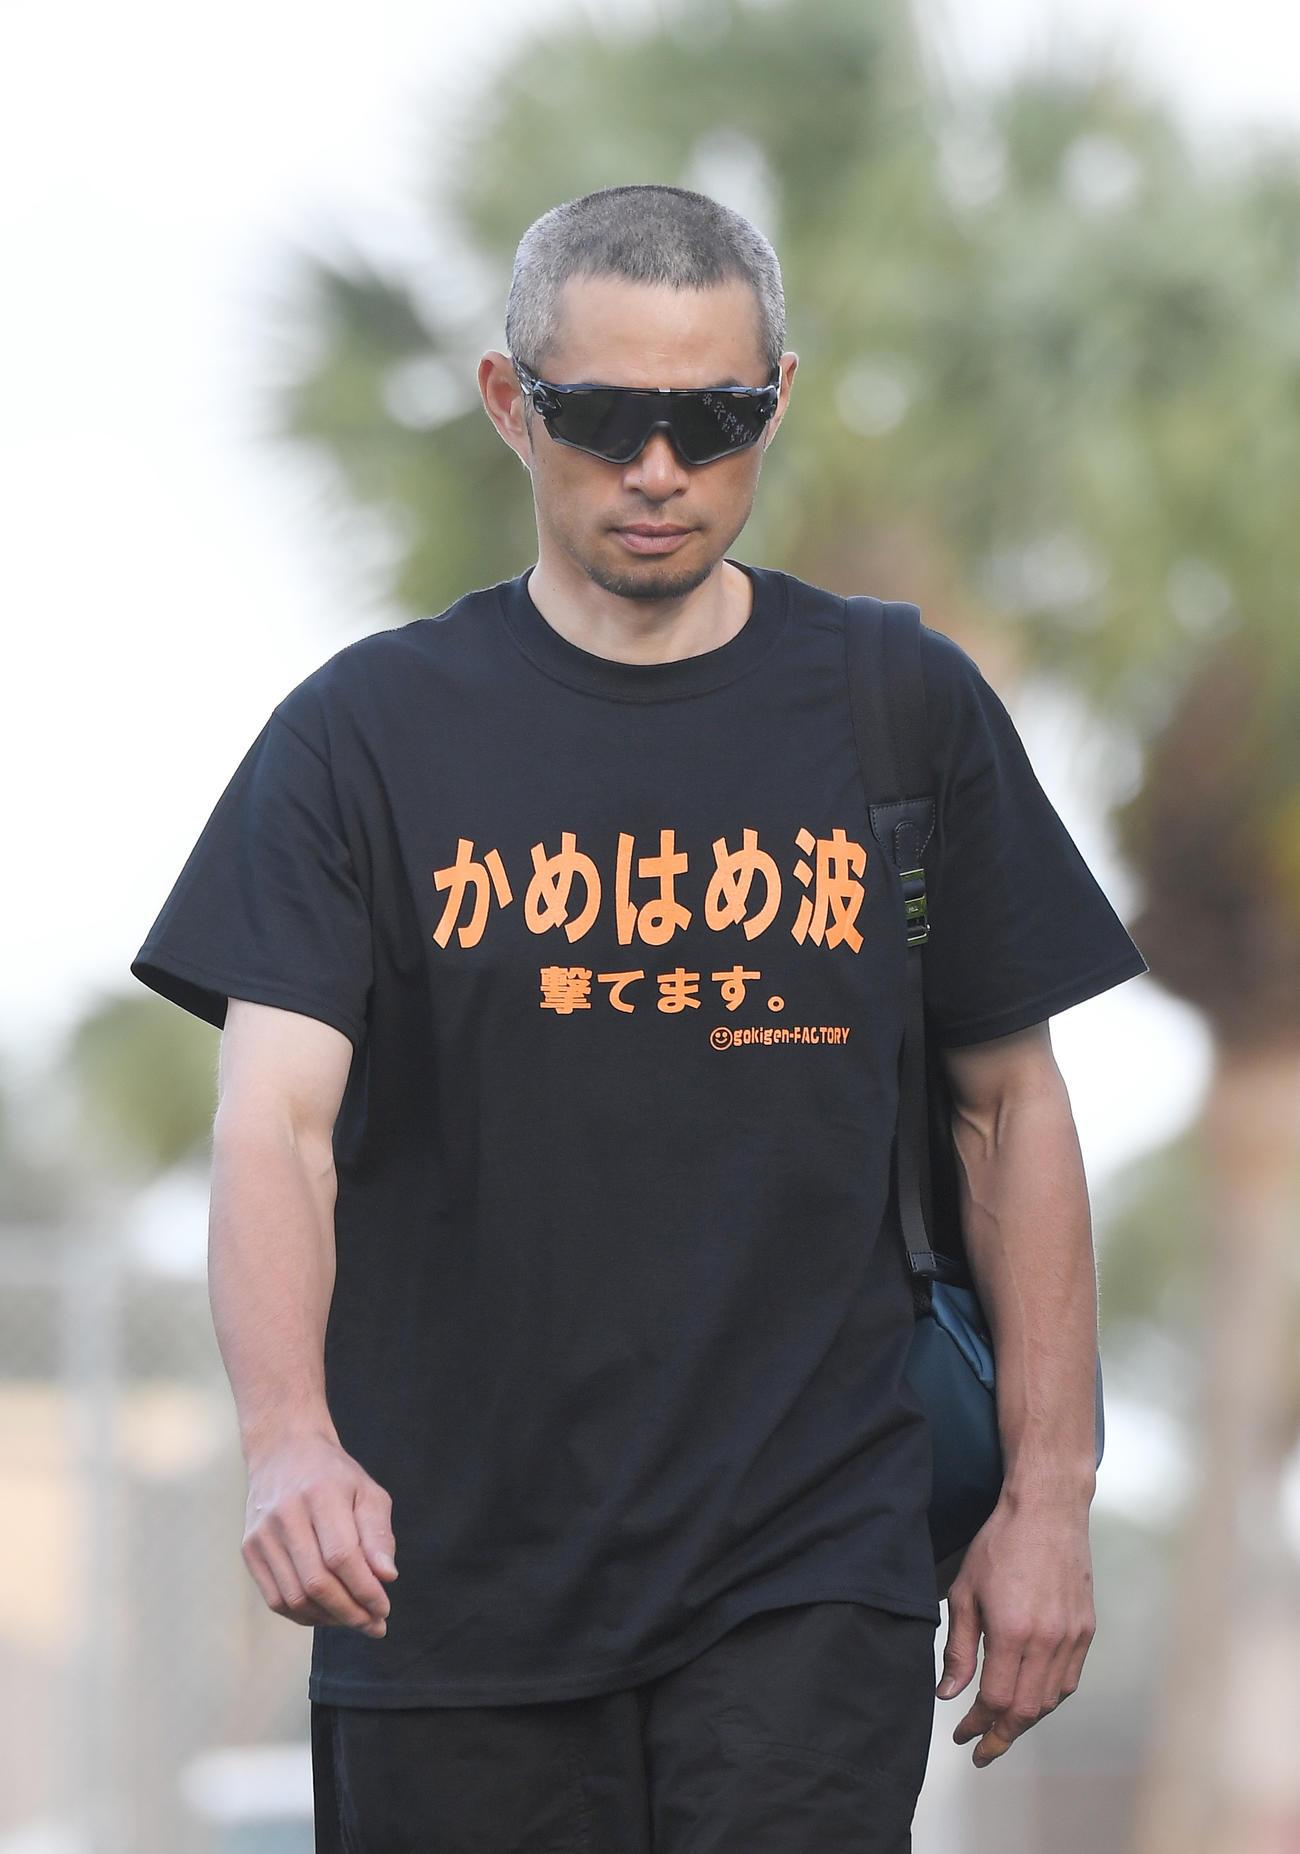 17年、「かめはめ波 撃てます。」と書かれたTシャツを着てキャンプの施設に入るイチロー